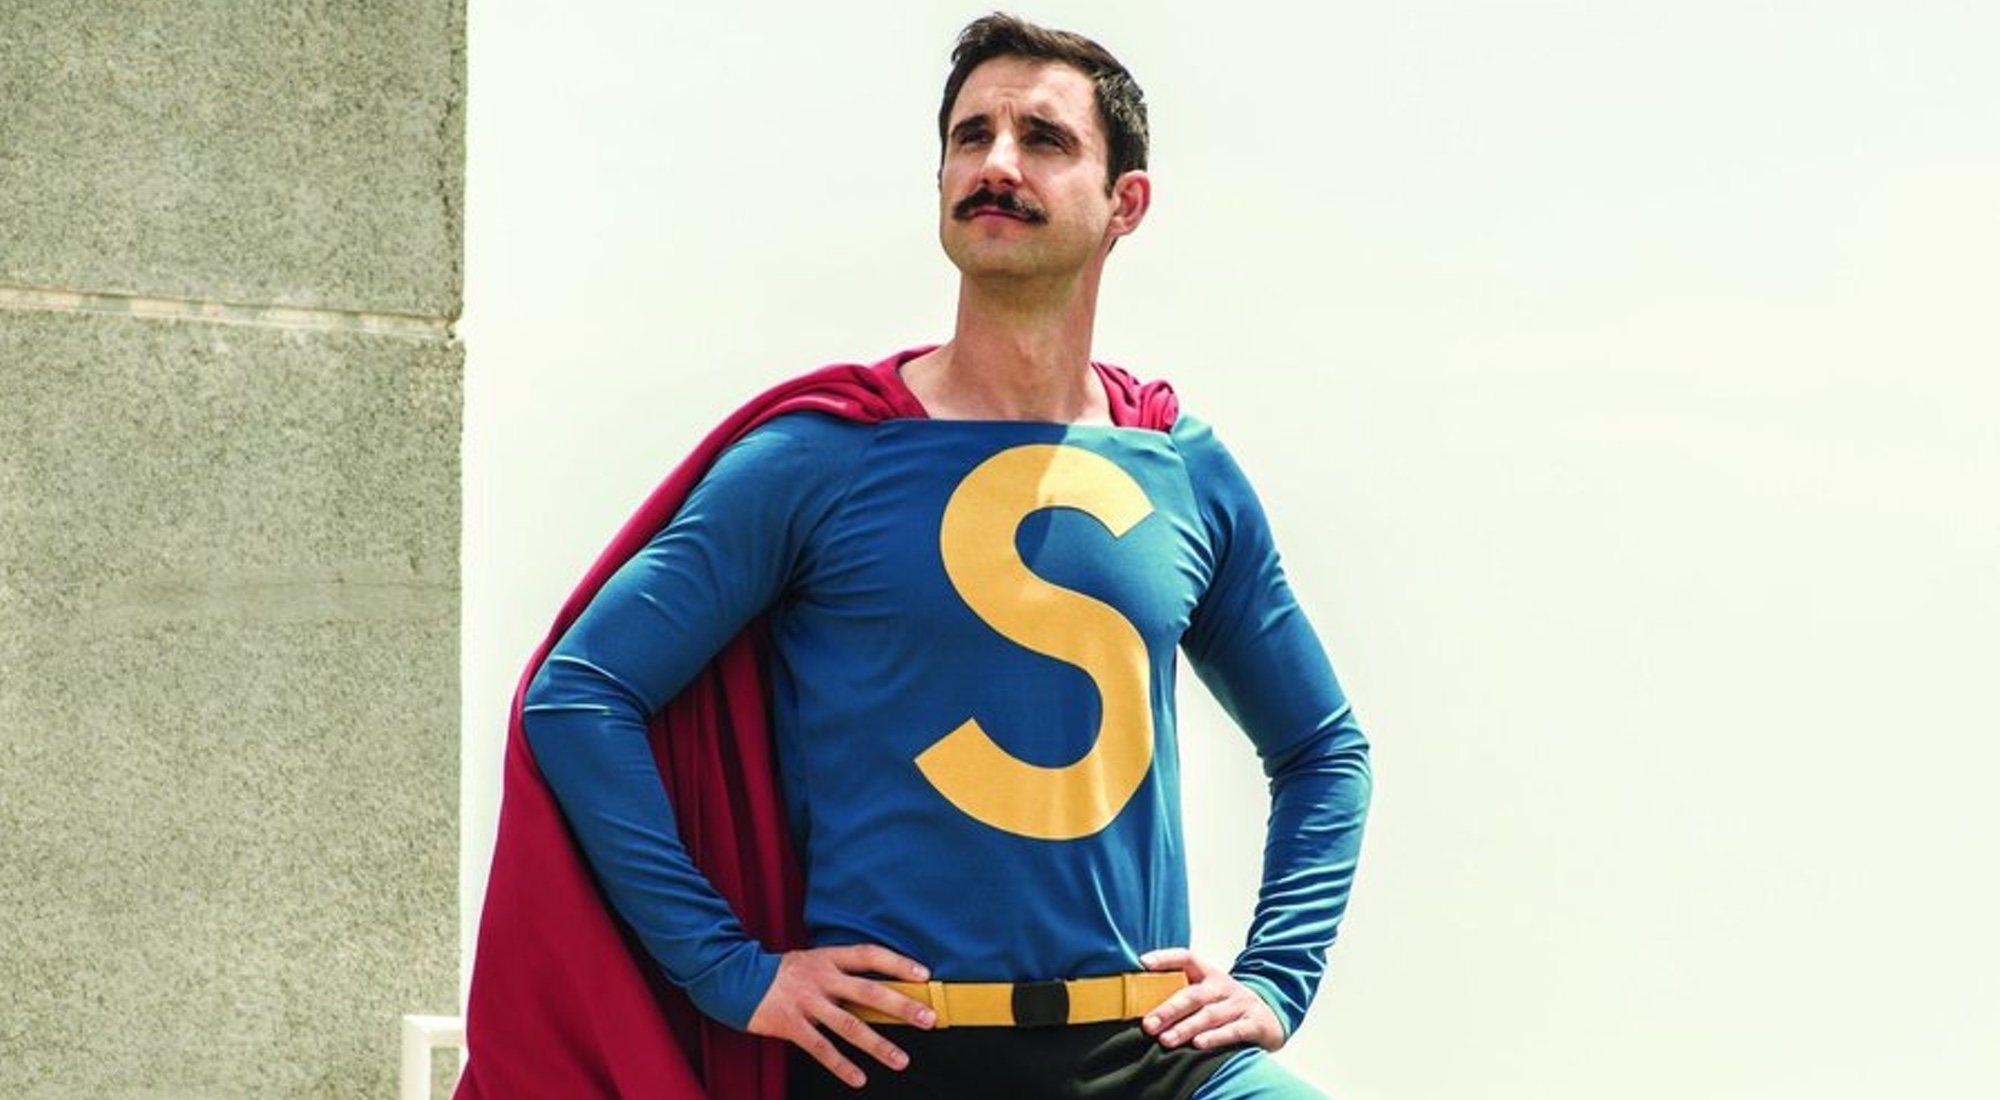 Superlópez no tiene por qué ser el único: 9 superhéroes del cómic español que podrían triunfar en el cine